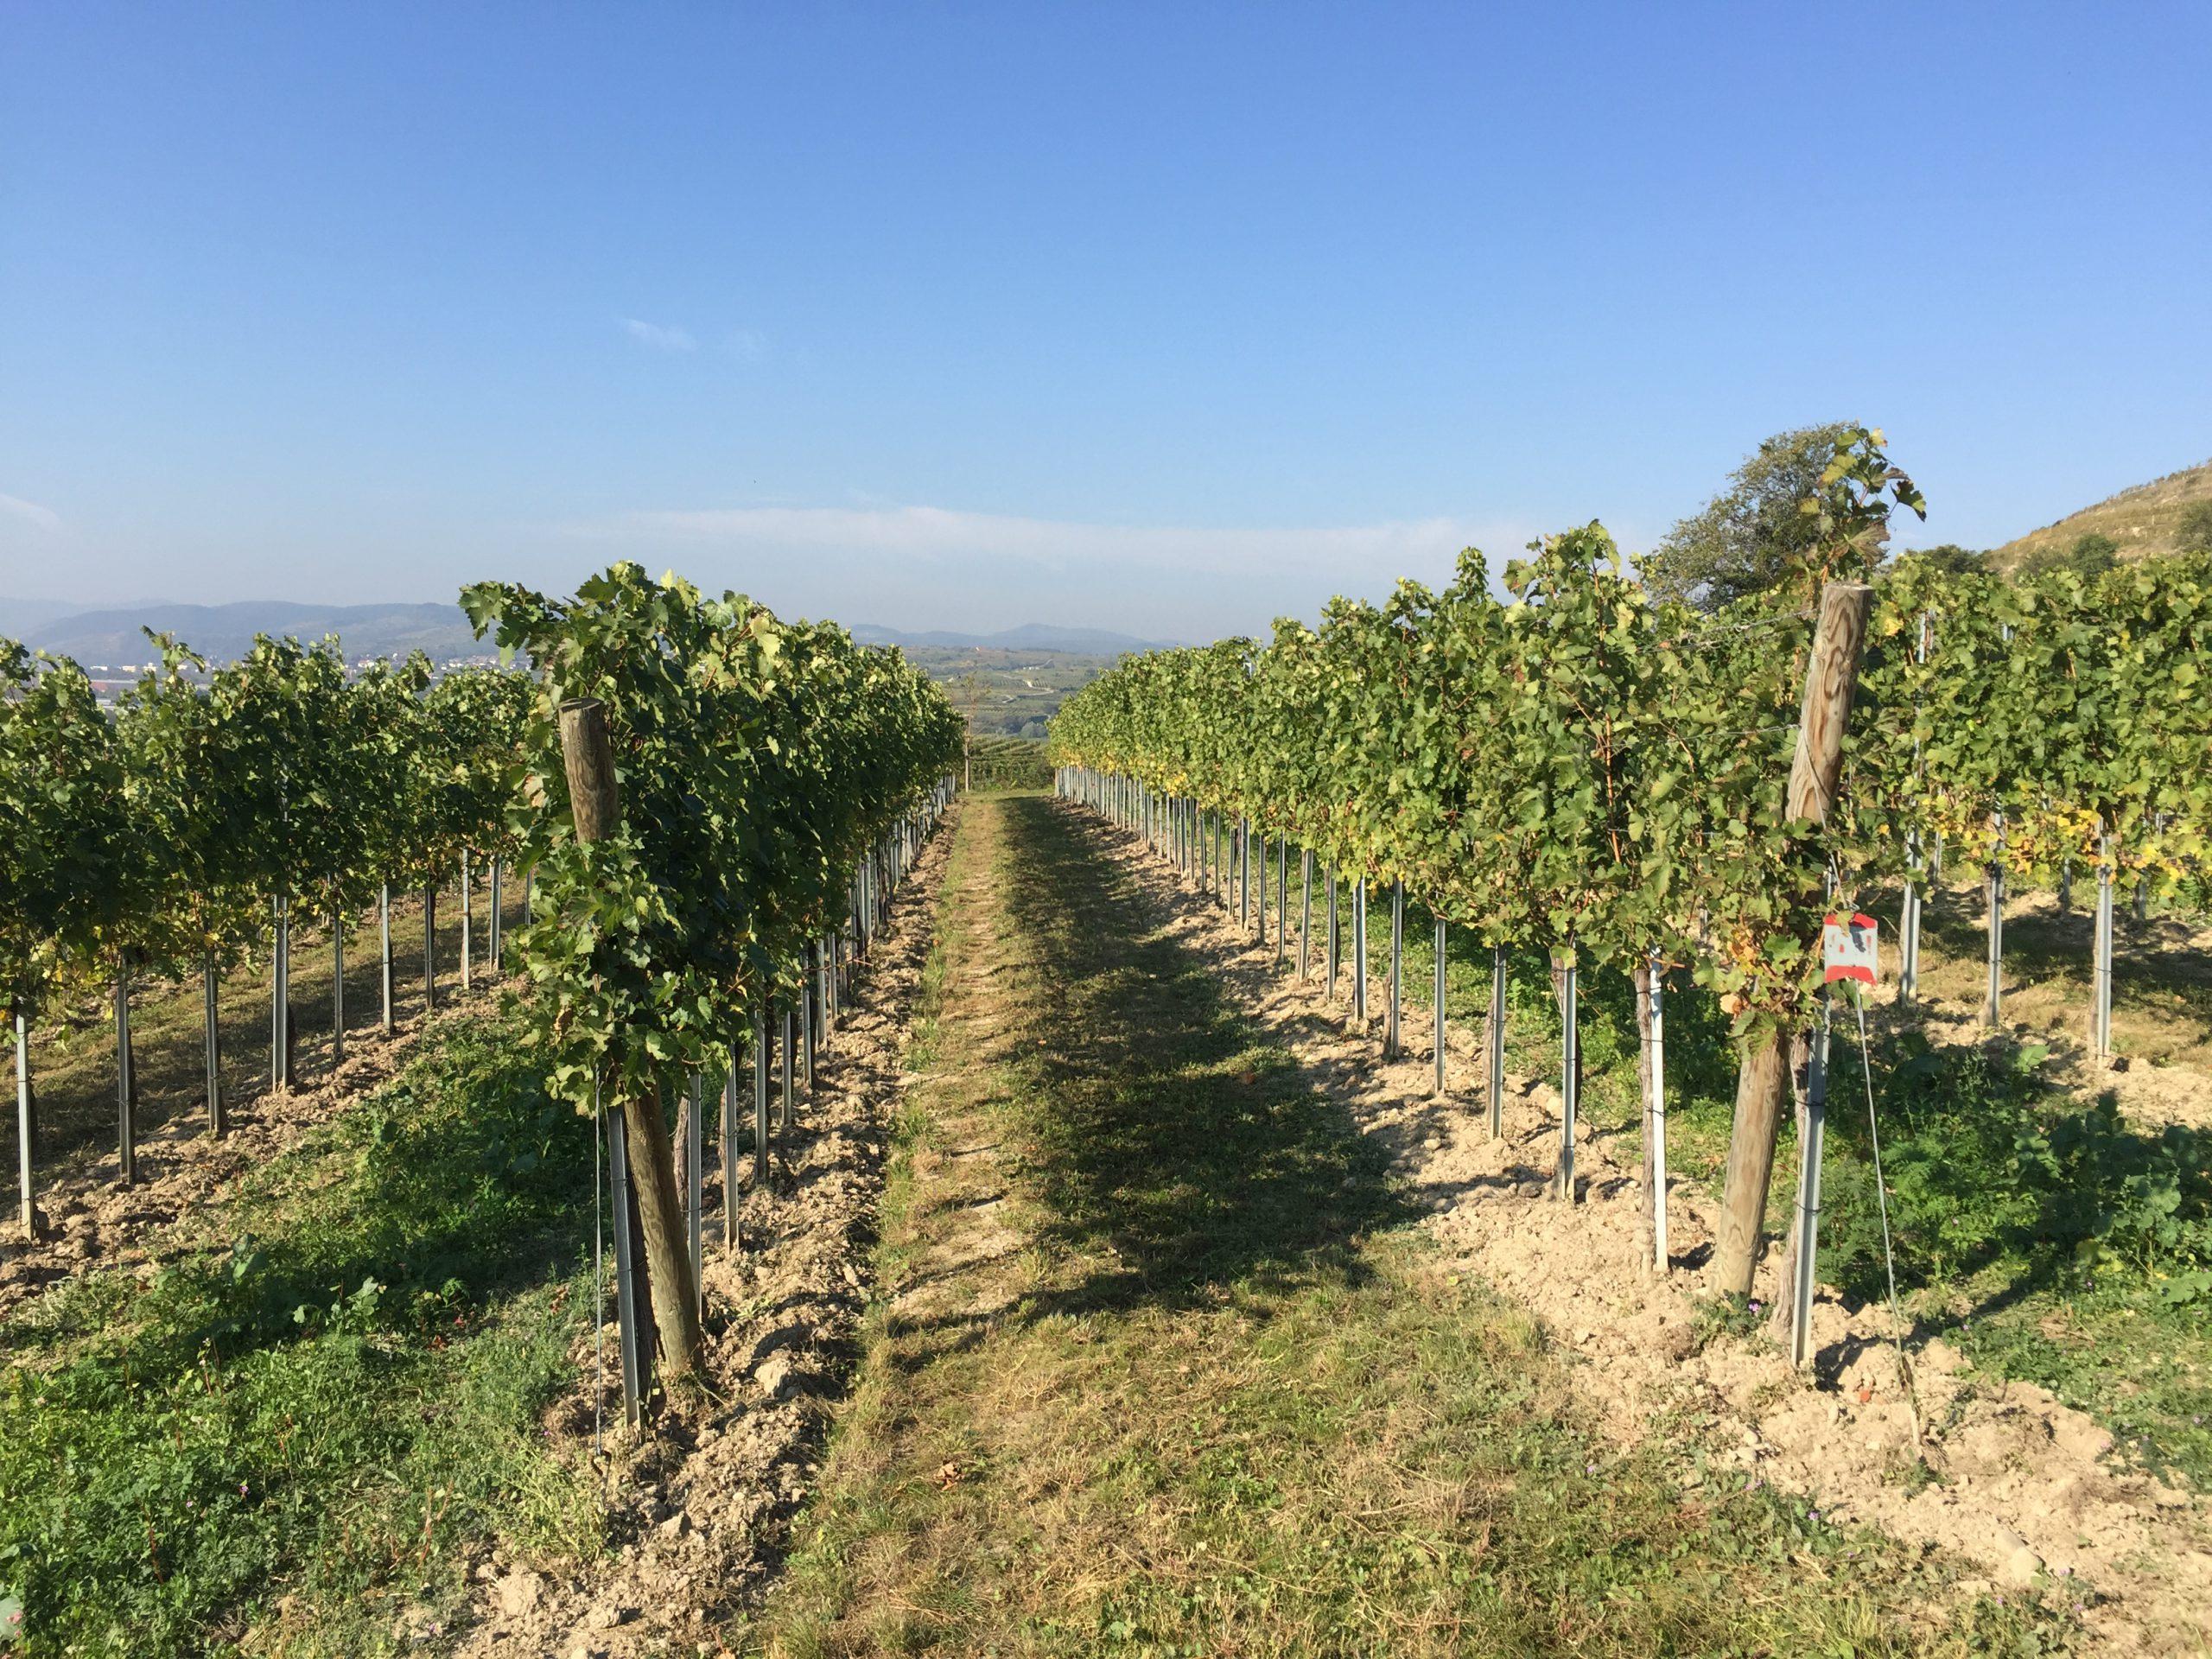 Weingut Mittelbach vineyards